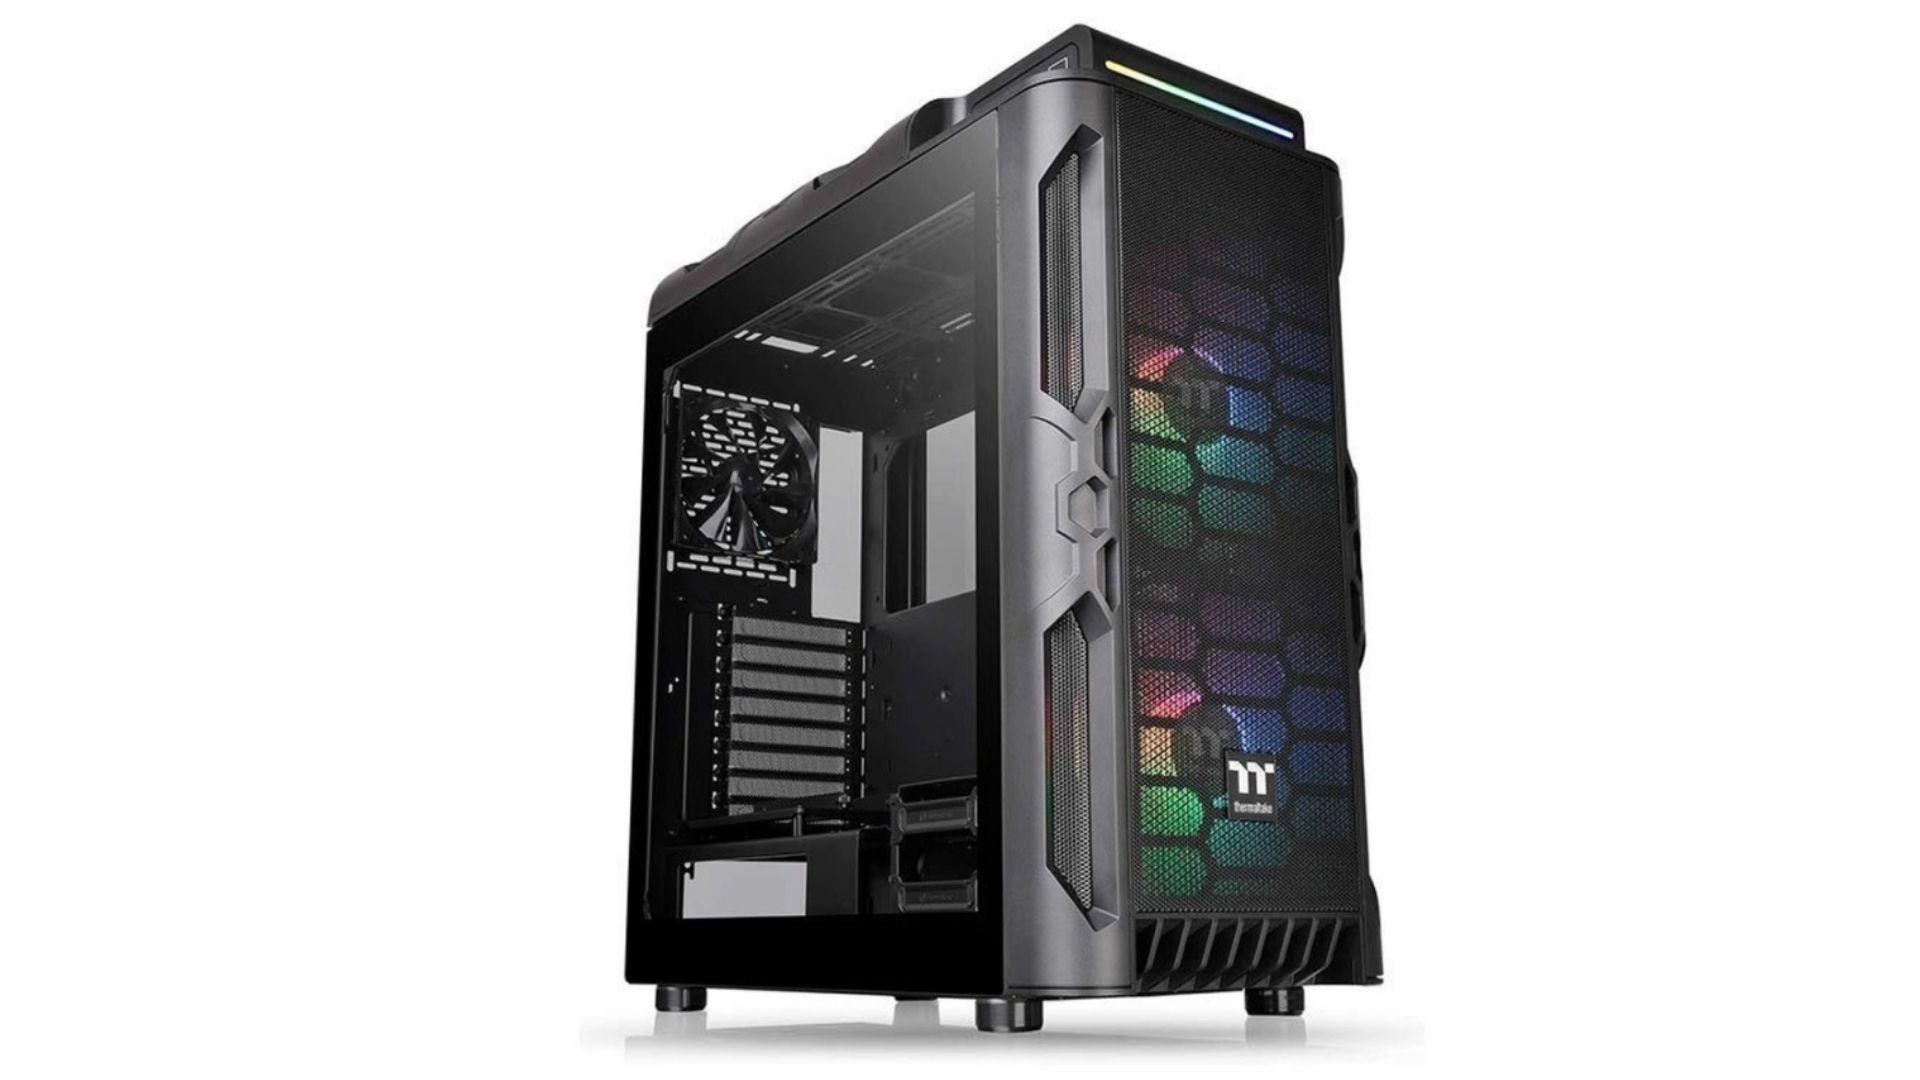 O Gabinete gamer Thermaltake Level 20 conta com RGB interno (Foto: Divulgação)